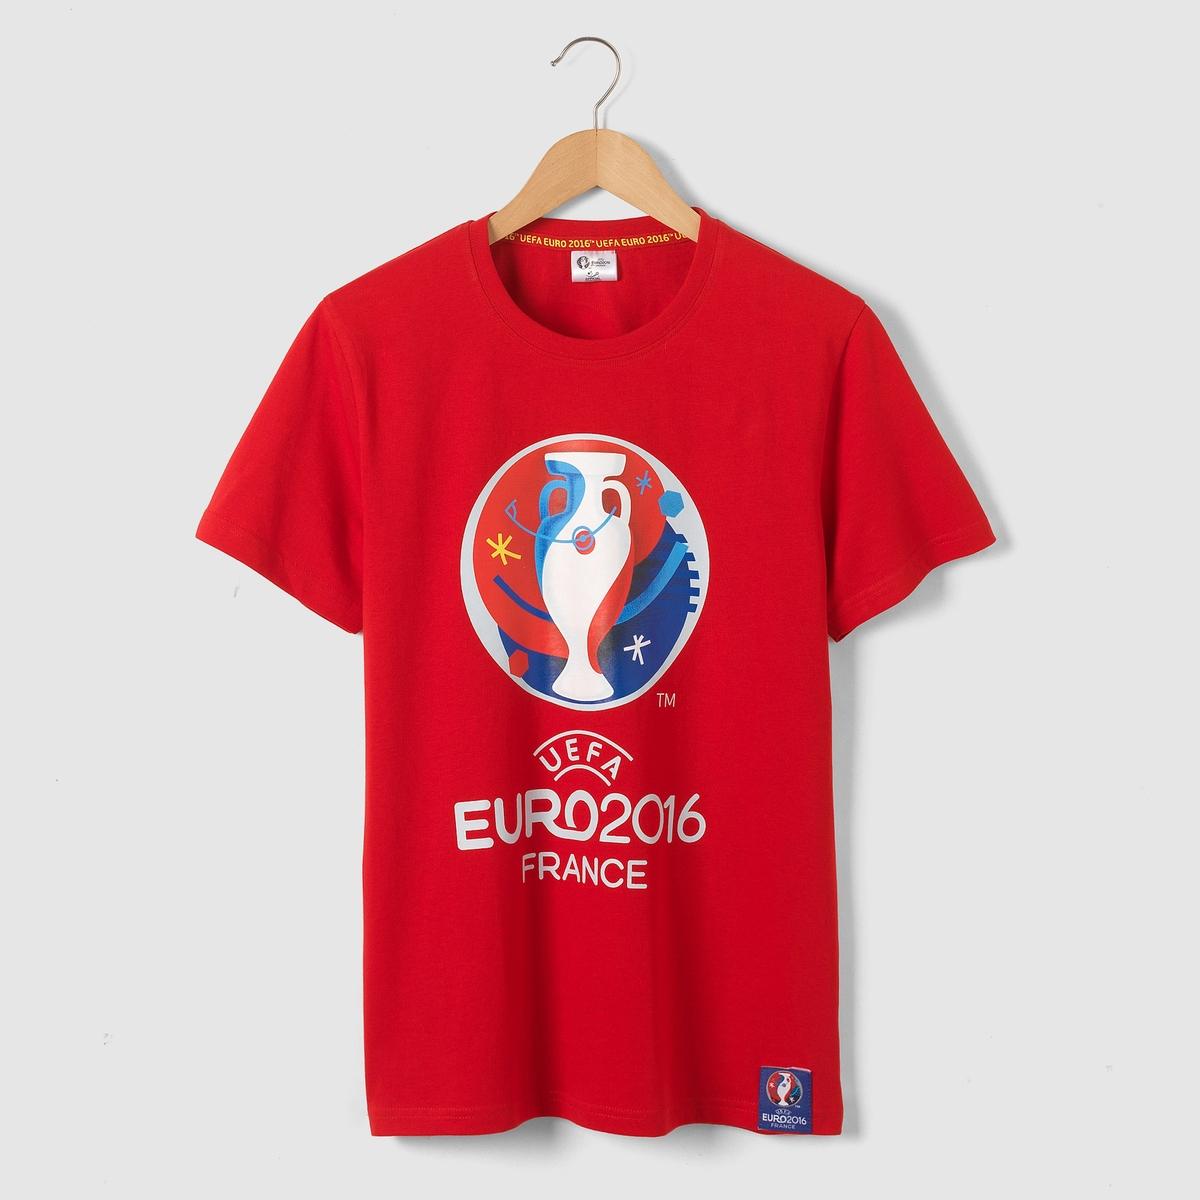 Футболка Испания UEFA EURO 2016, 4 - 16 лет